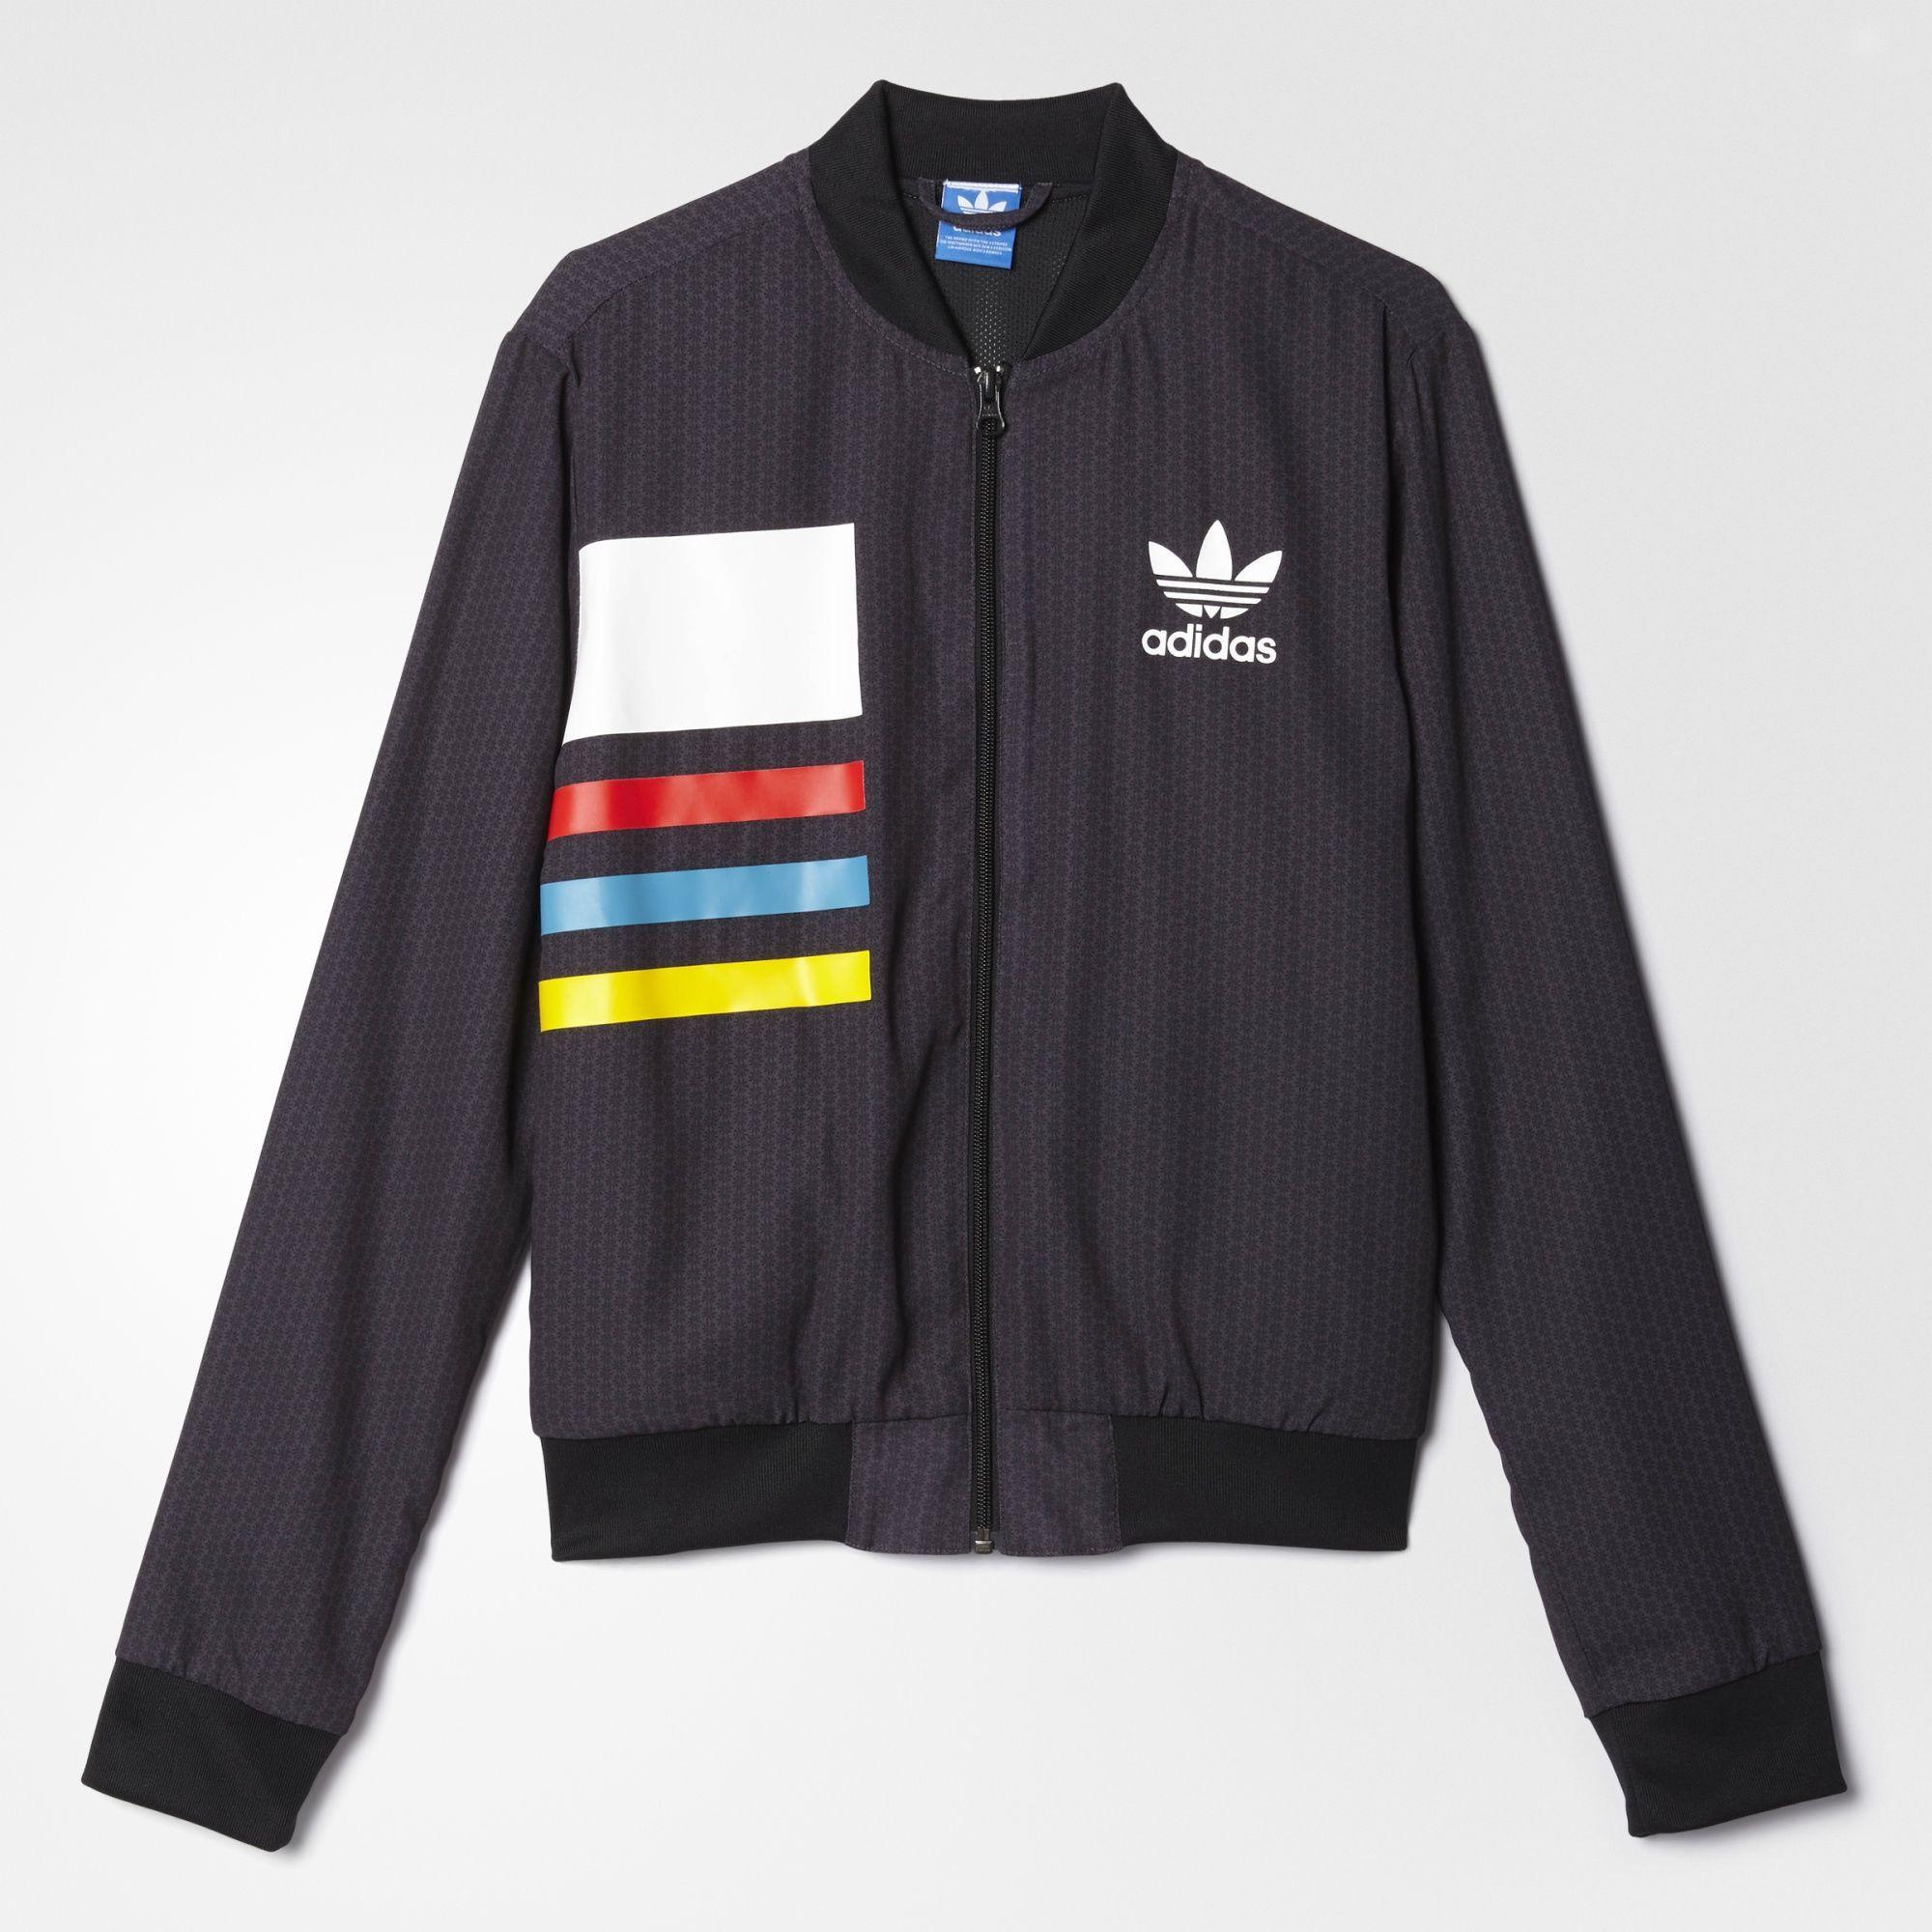 Adidas patadas y ropa Pinterest Adidas y negro